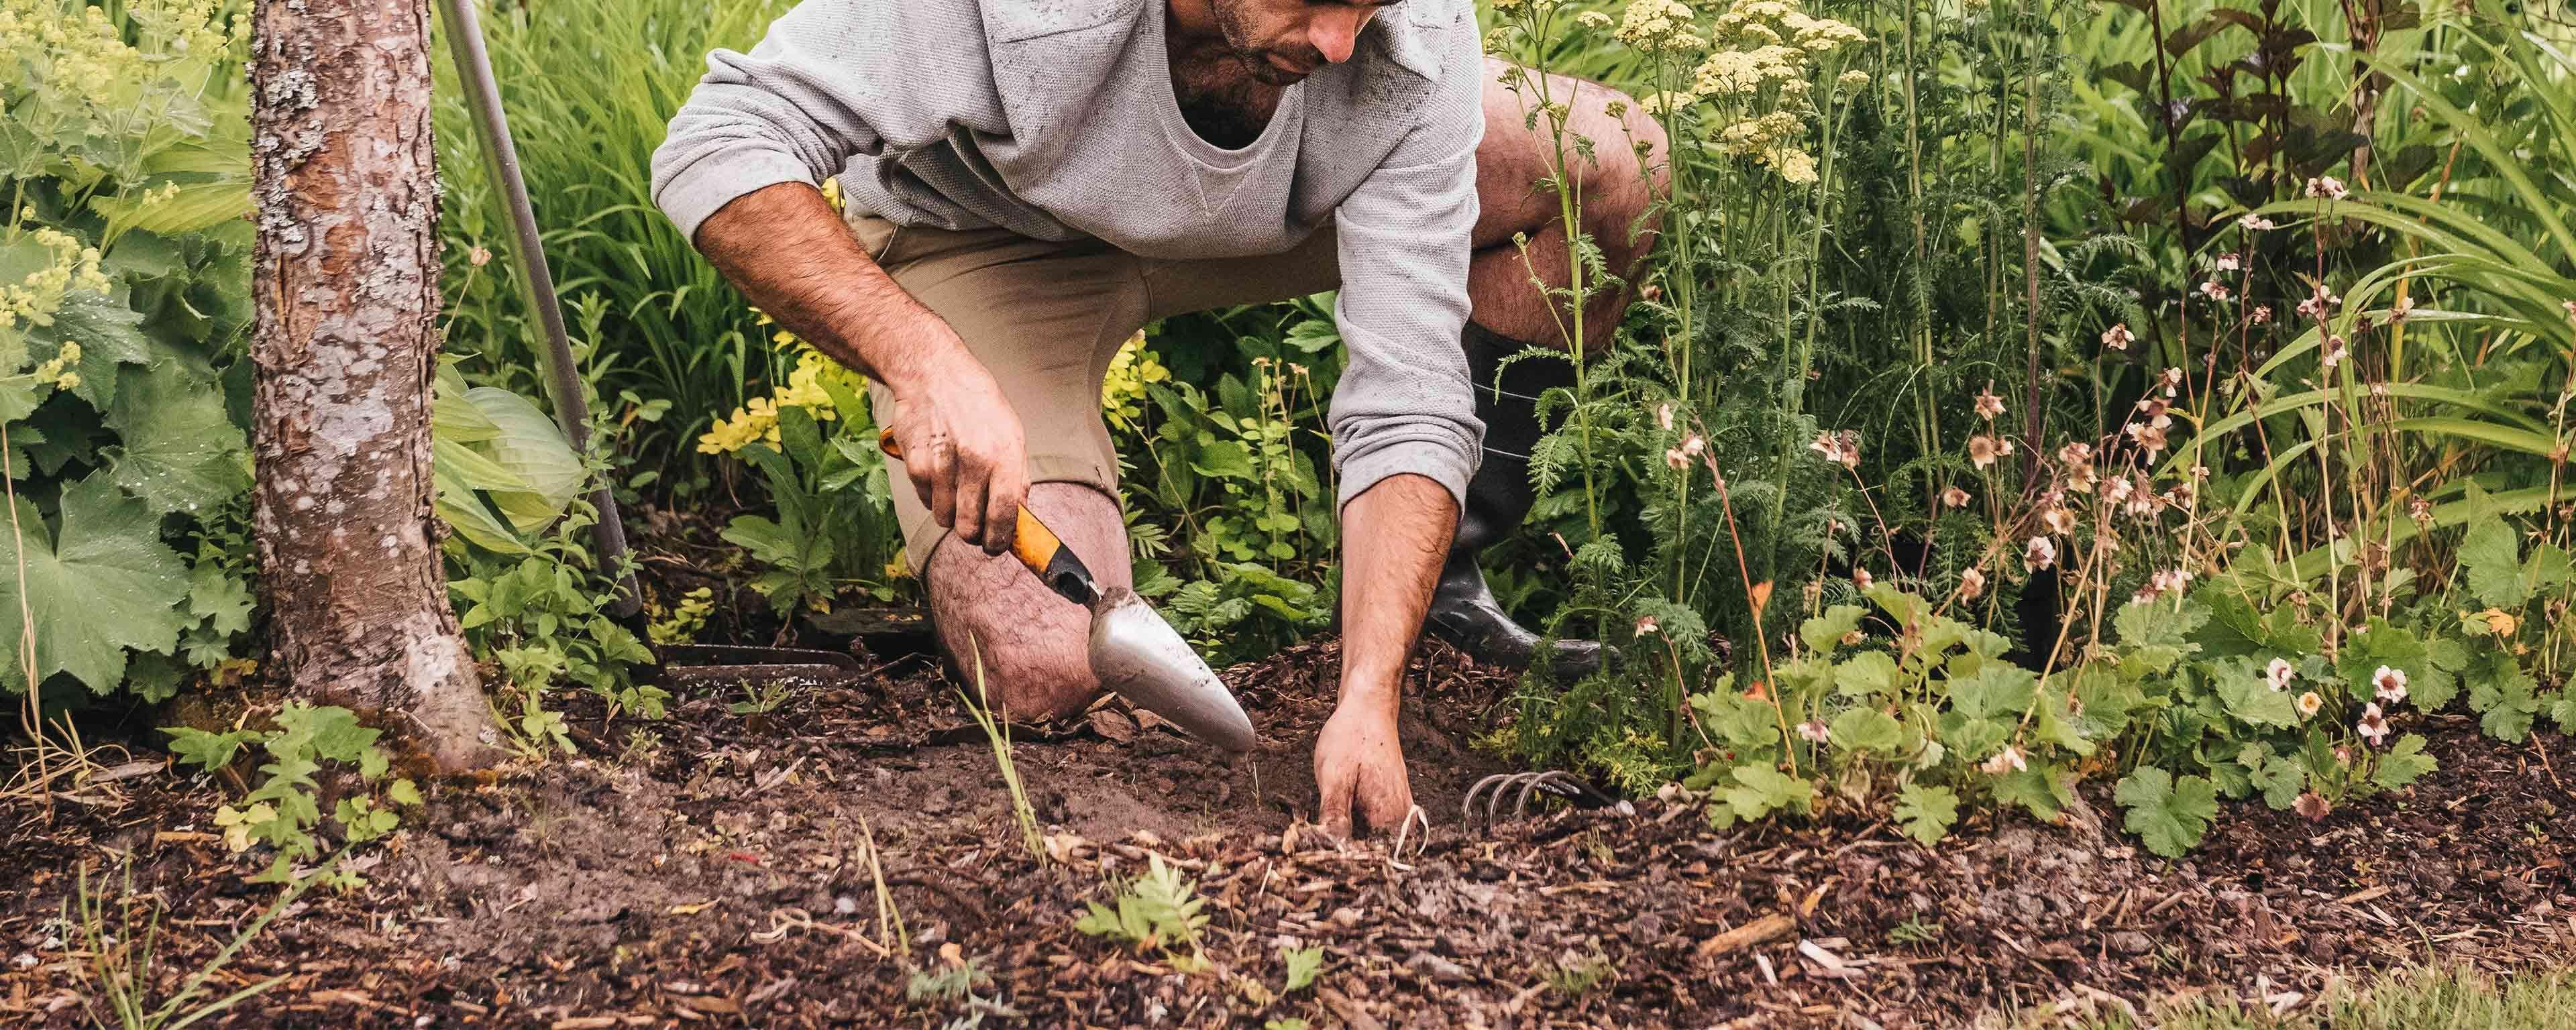 Planter Herbes Aromatiques Jardiniere outils pour planter